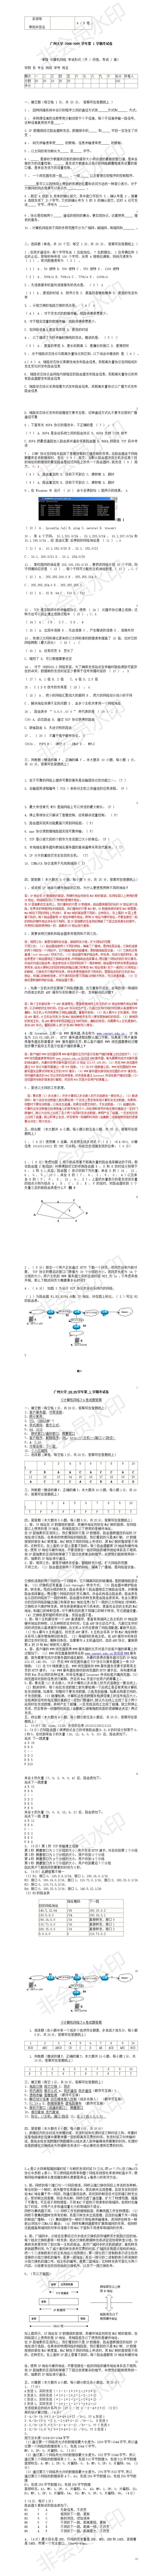 广州大学计算机网络A卷含答案